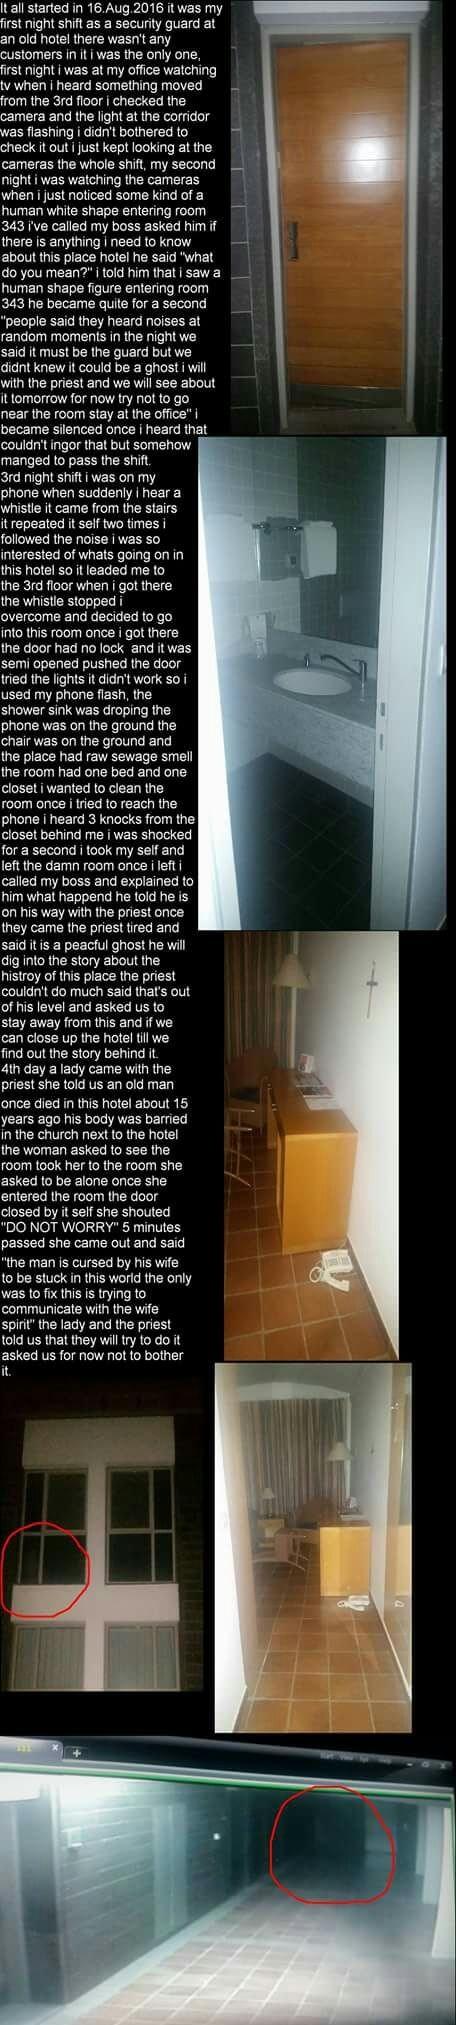 The full story